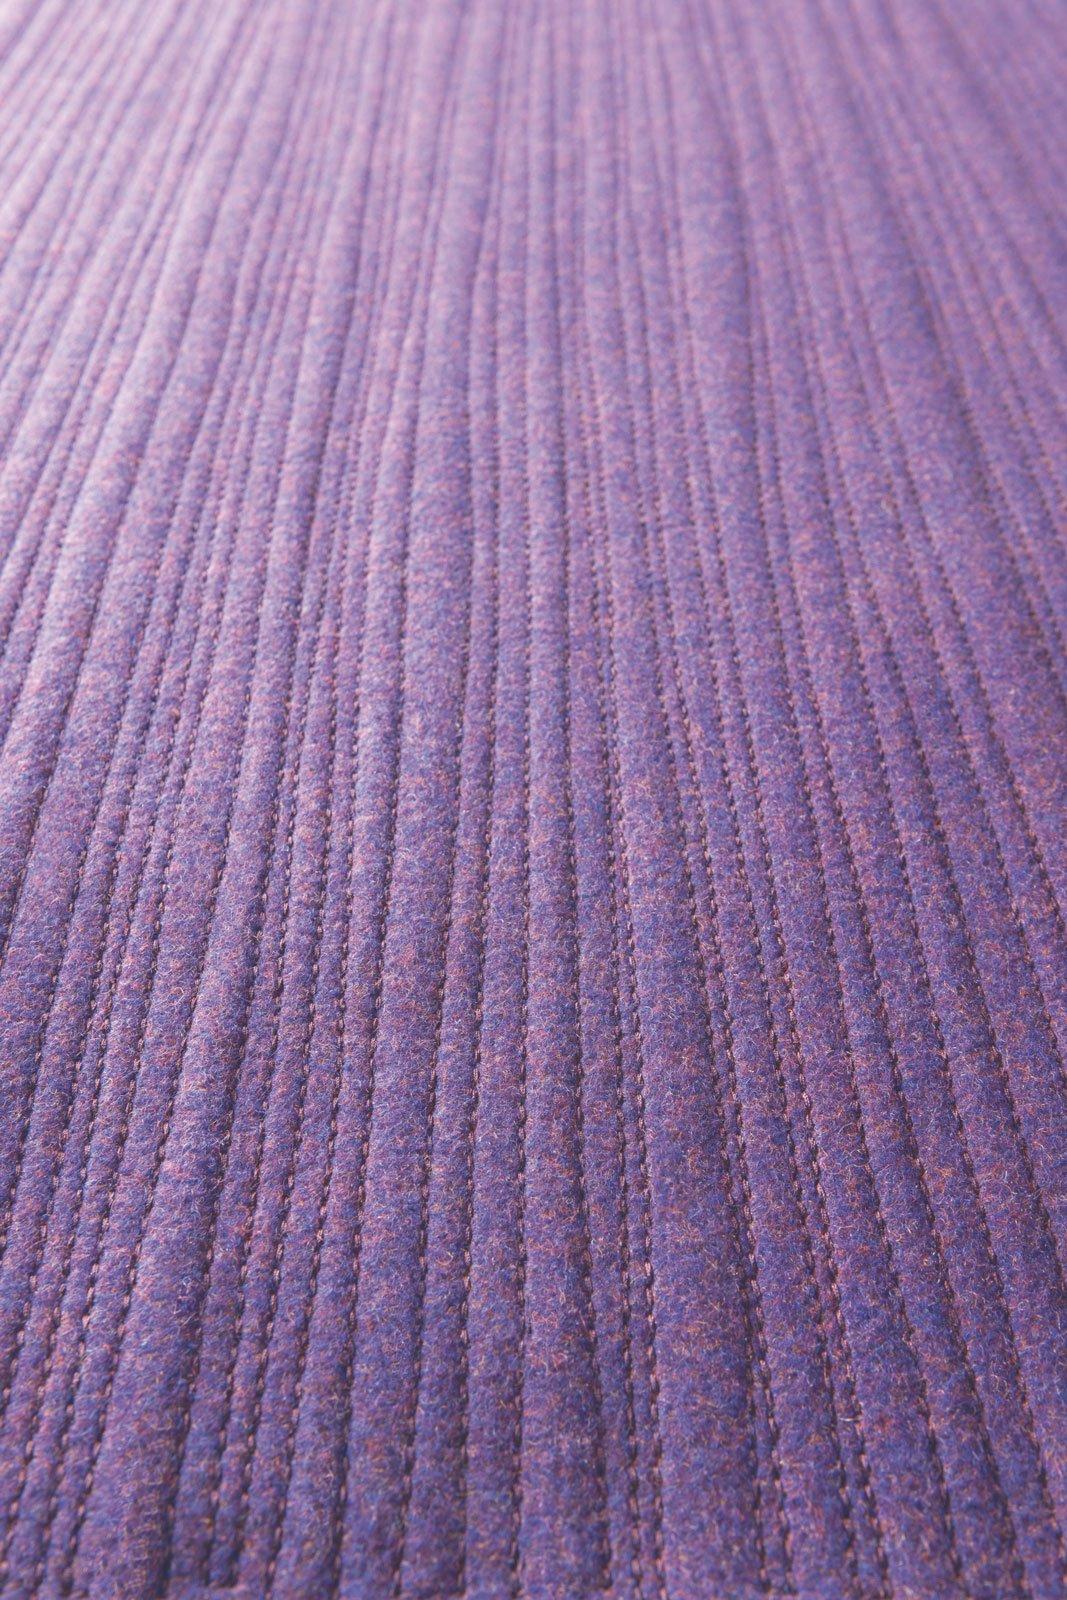 Scegliere i tessuti per l'arredamento - Cose di Casa